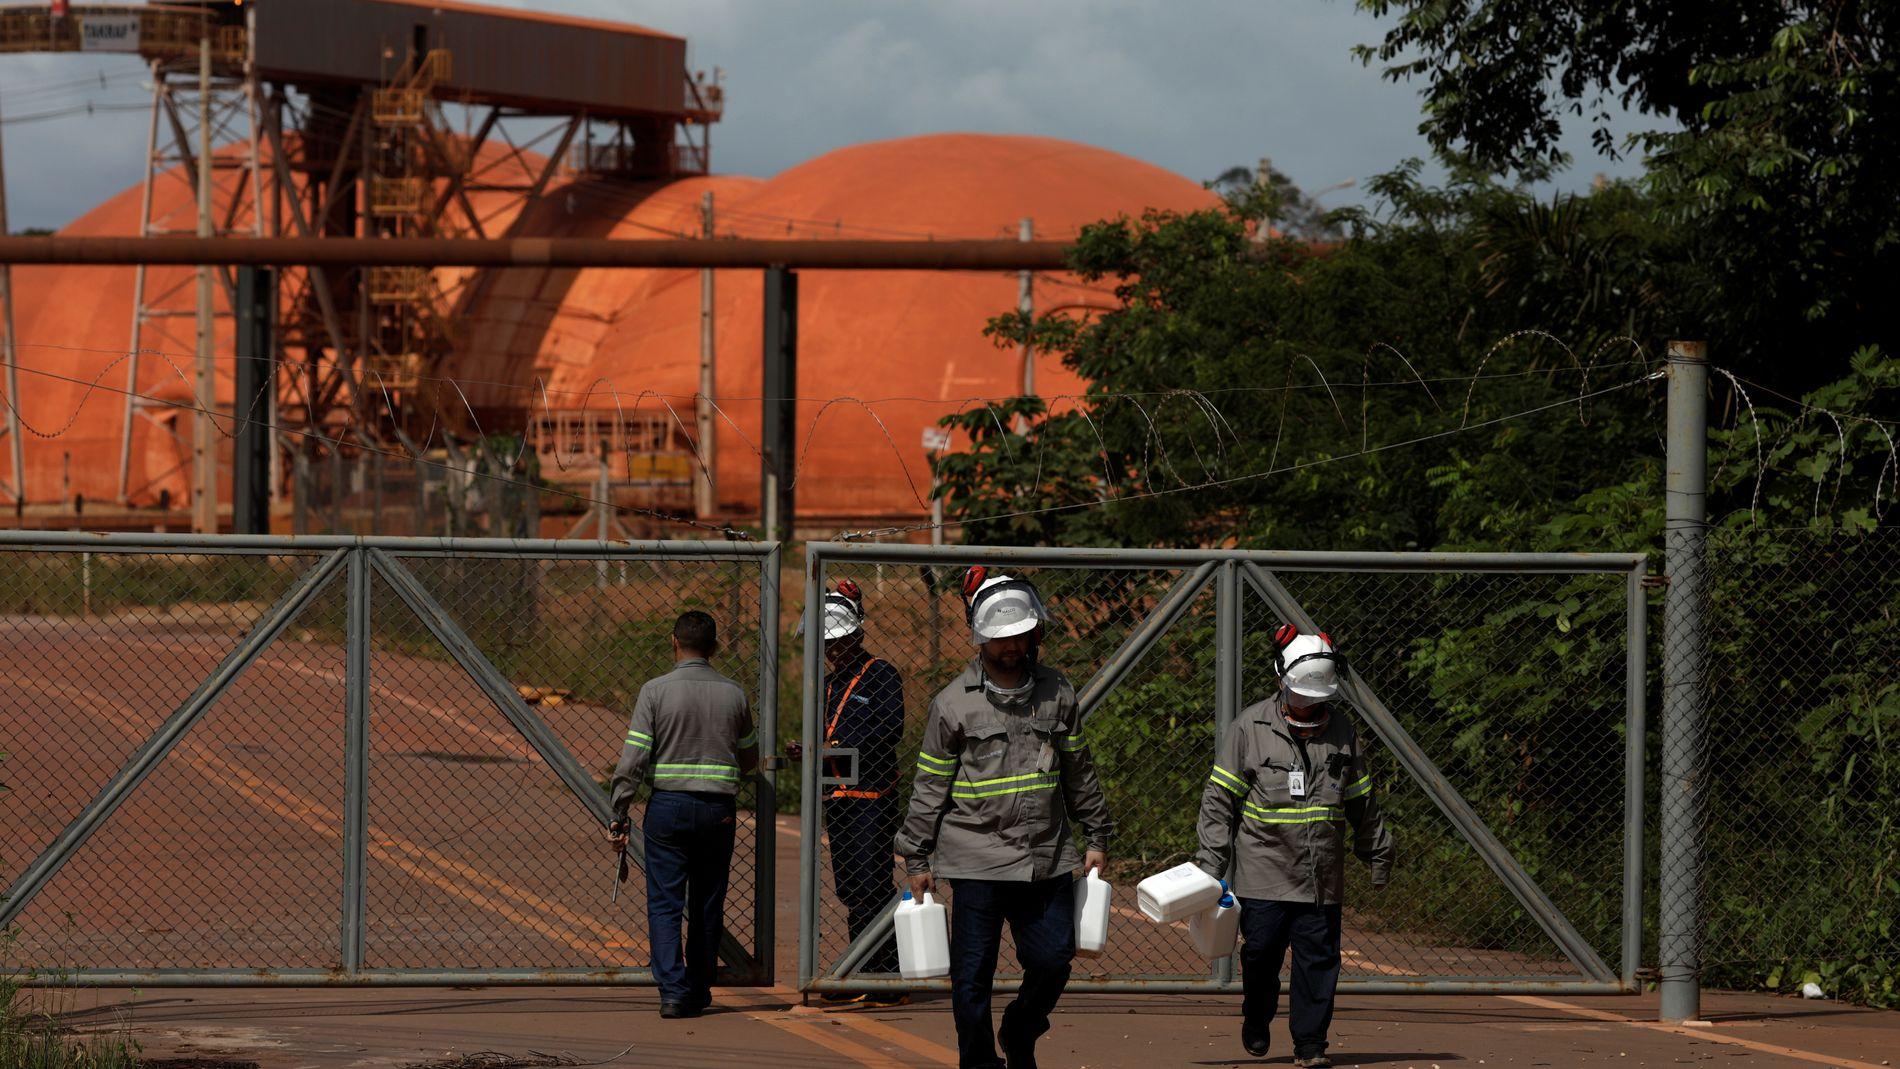 BØTELAGT: Norsk Hydro er i hardt vær etter at regnvann ble sluppet ut fra anlegget Alunorte i Brasil. Selskapet ble bøtelagt etter en lignende, men mer alvorlig hendelse i 2009. Bildet er tatt ved anlegget den 8. mars i år.